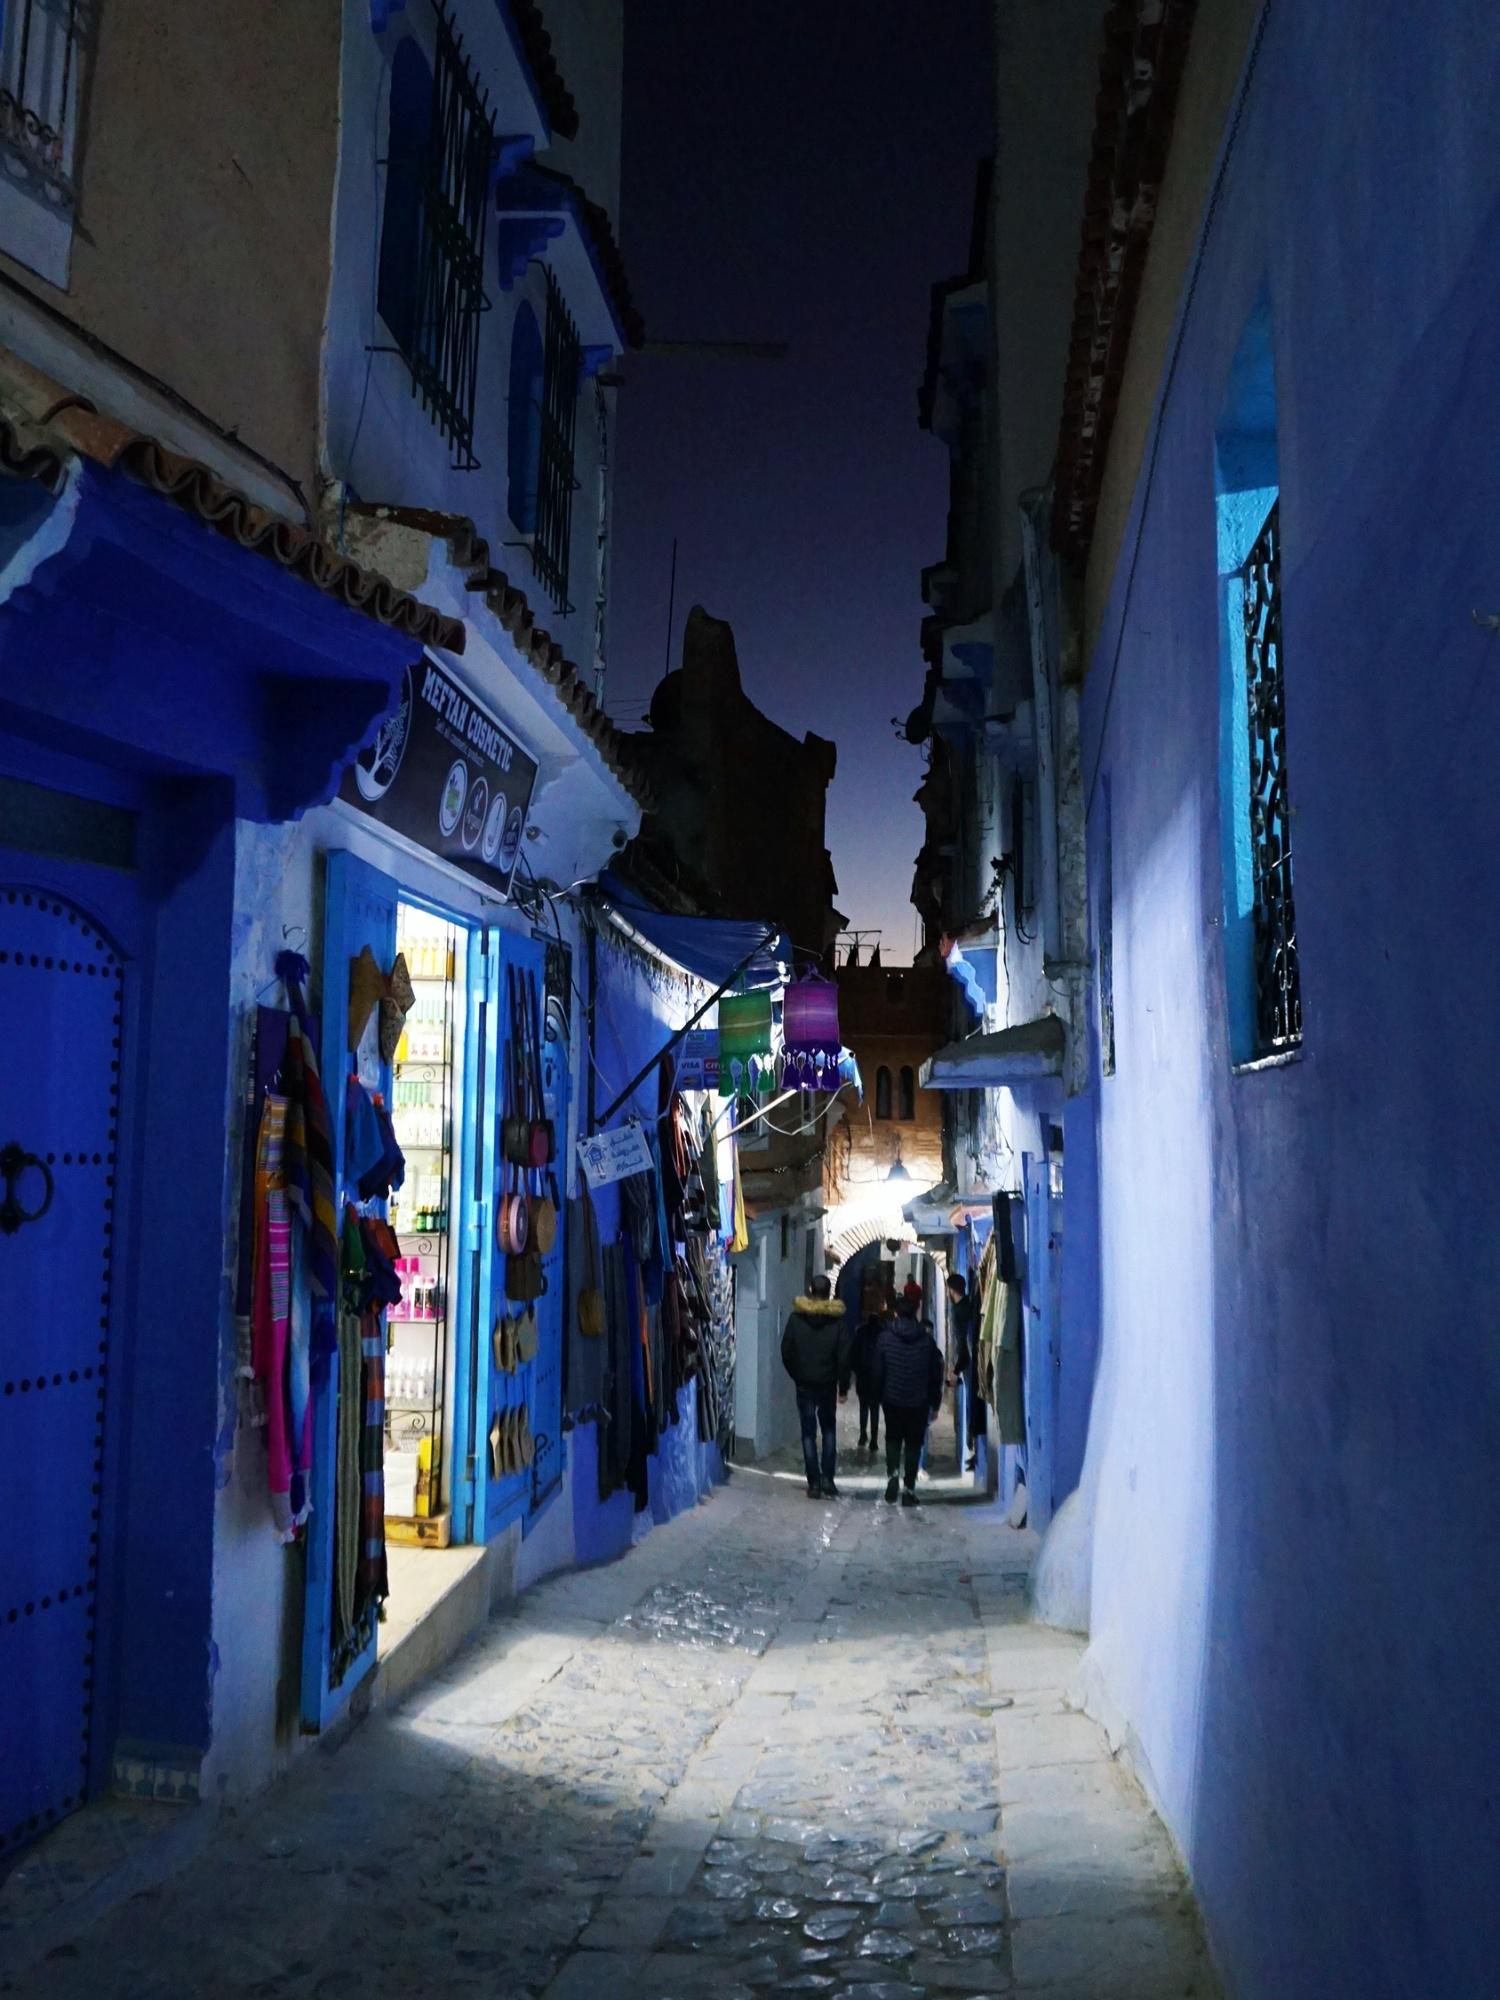 Chefchaouen Blue City